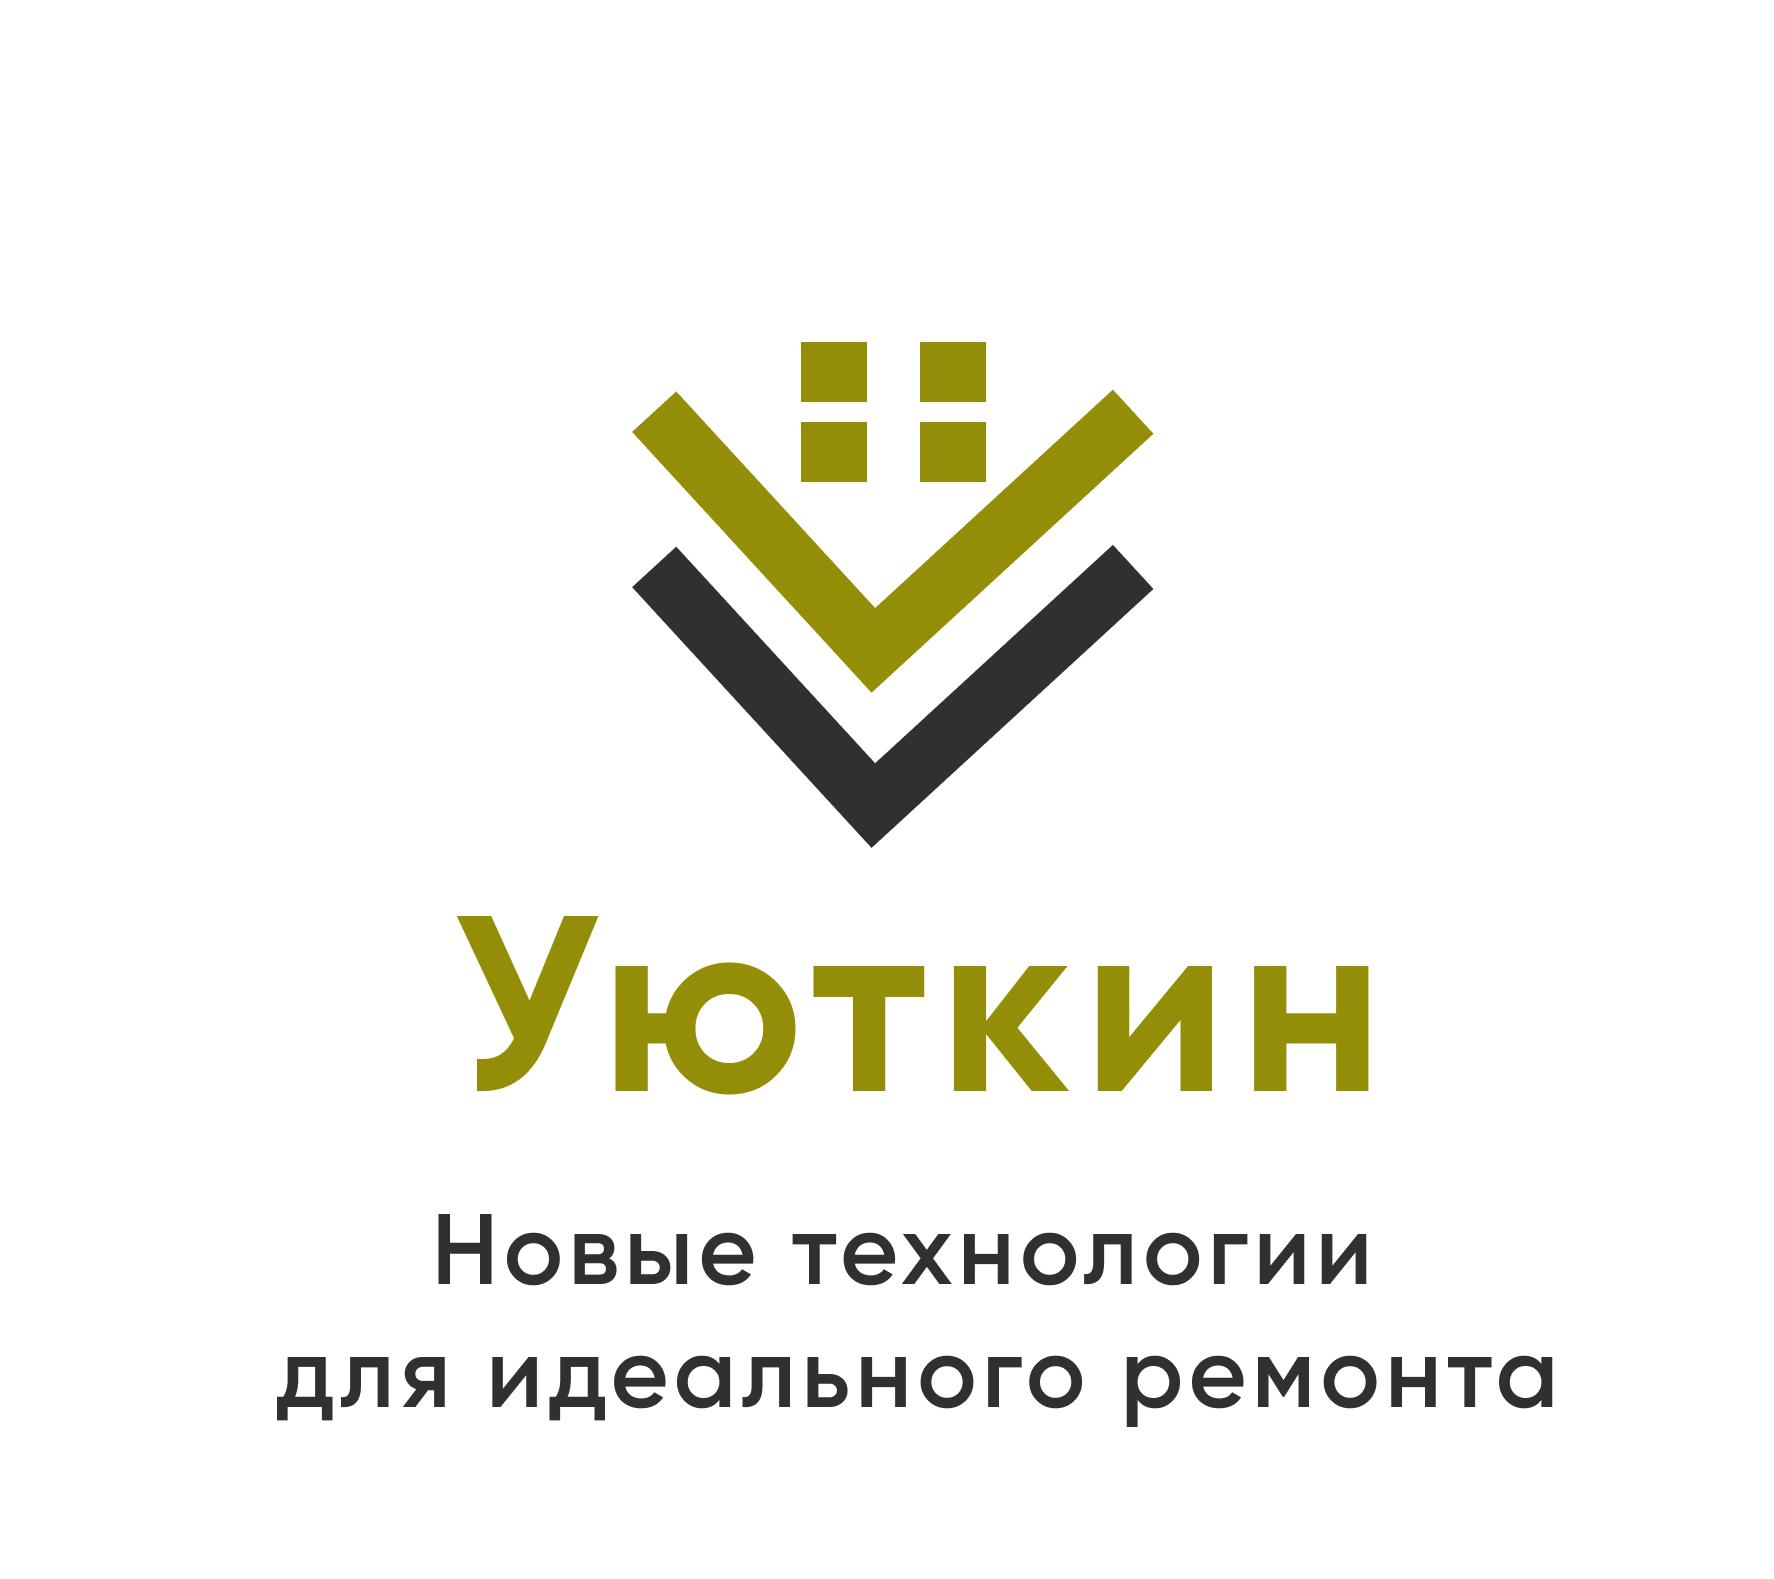 Создание логотипа и стиля сайта фото f_9705c619f355c32a.jpg